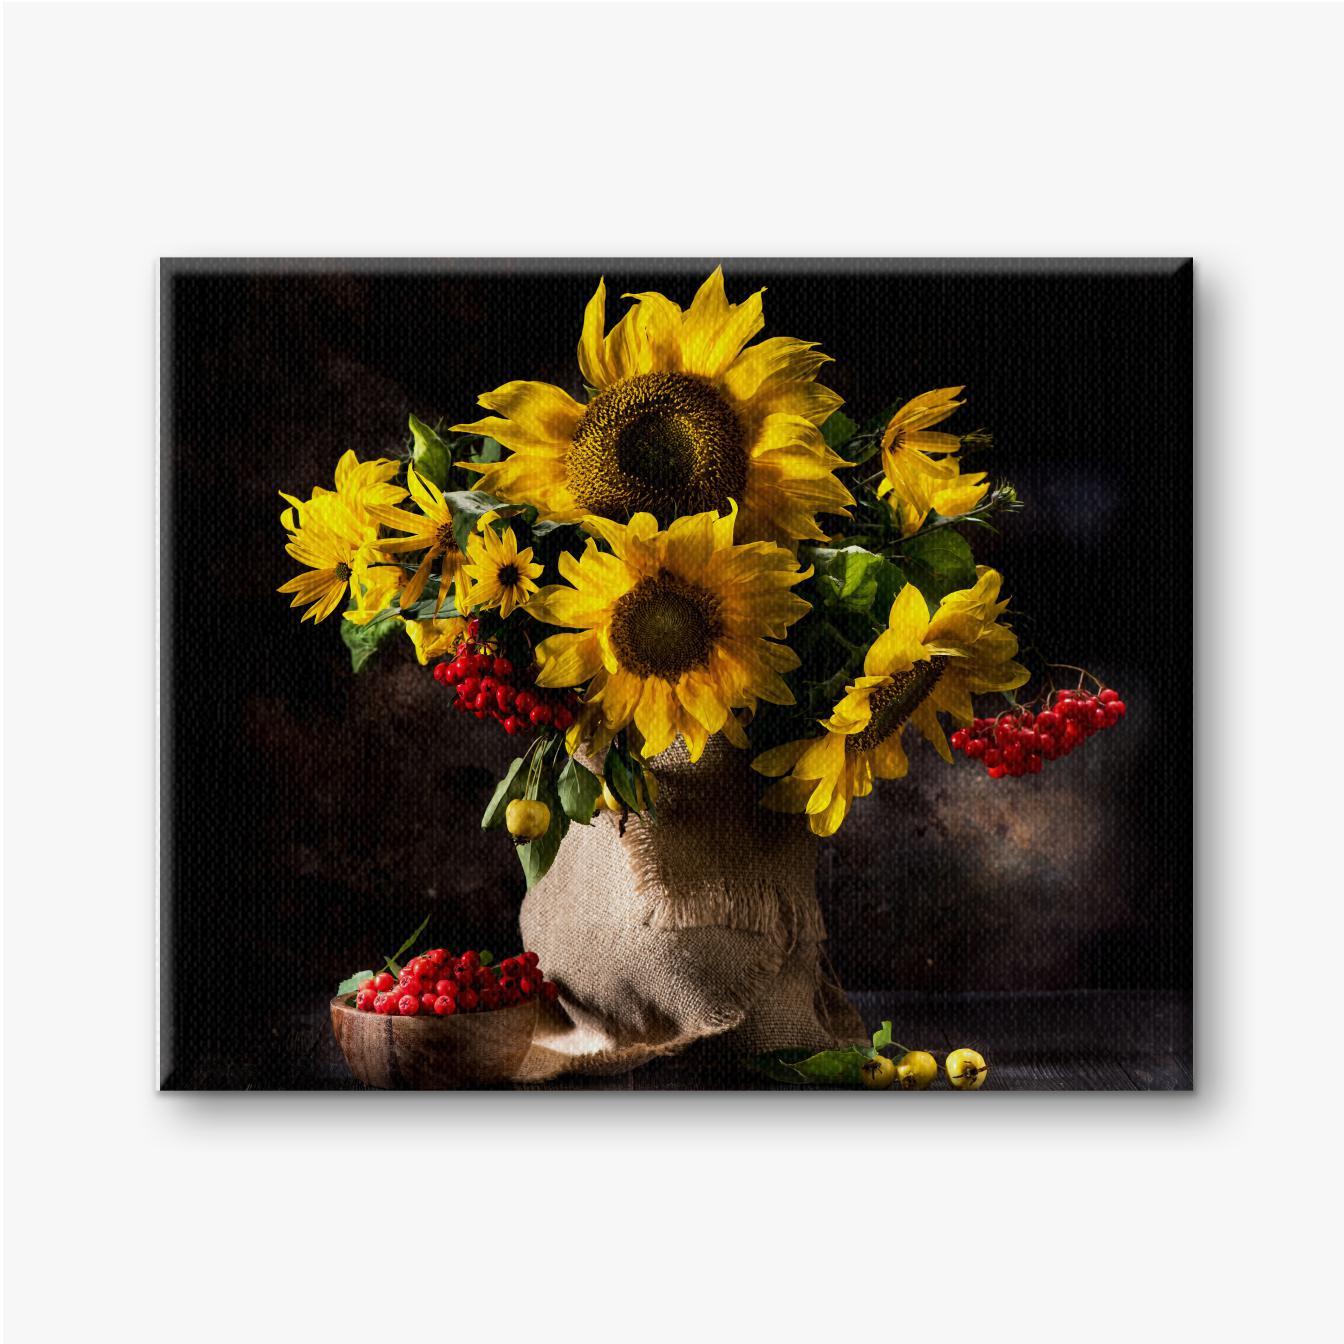 Stillleben mit Sonnenblumen in einer Vase